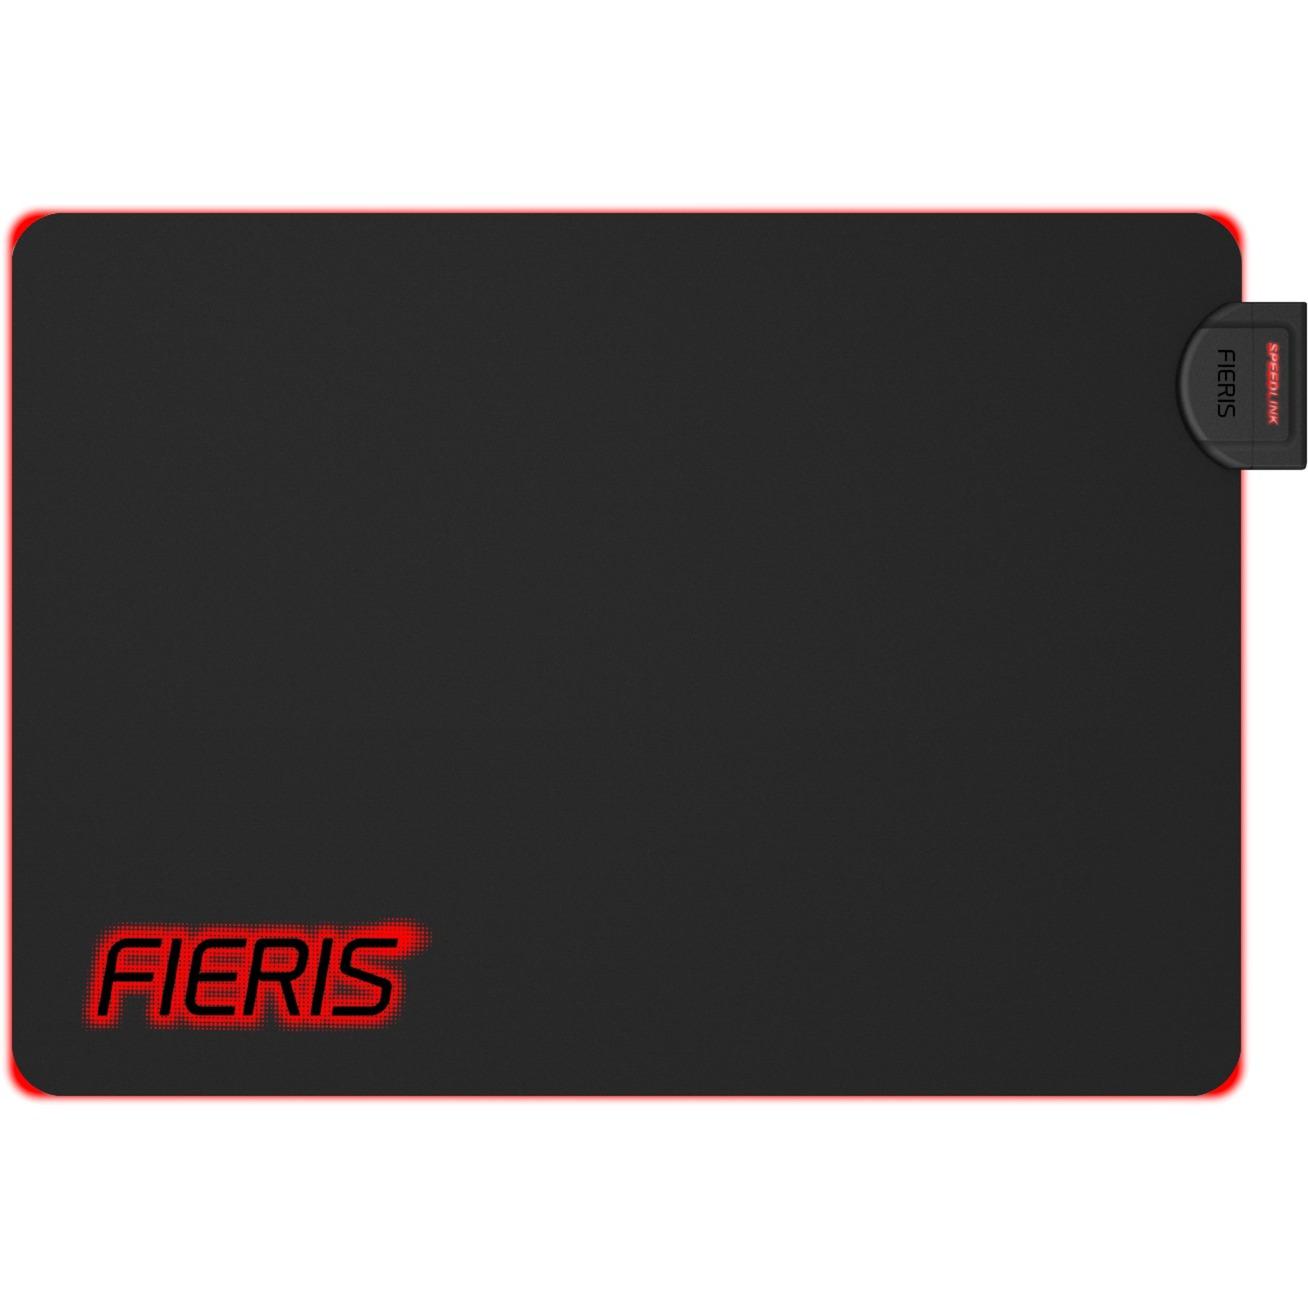 FIERIS Negro, Rojo Alfombrilla de ratón para juegos